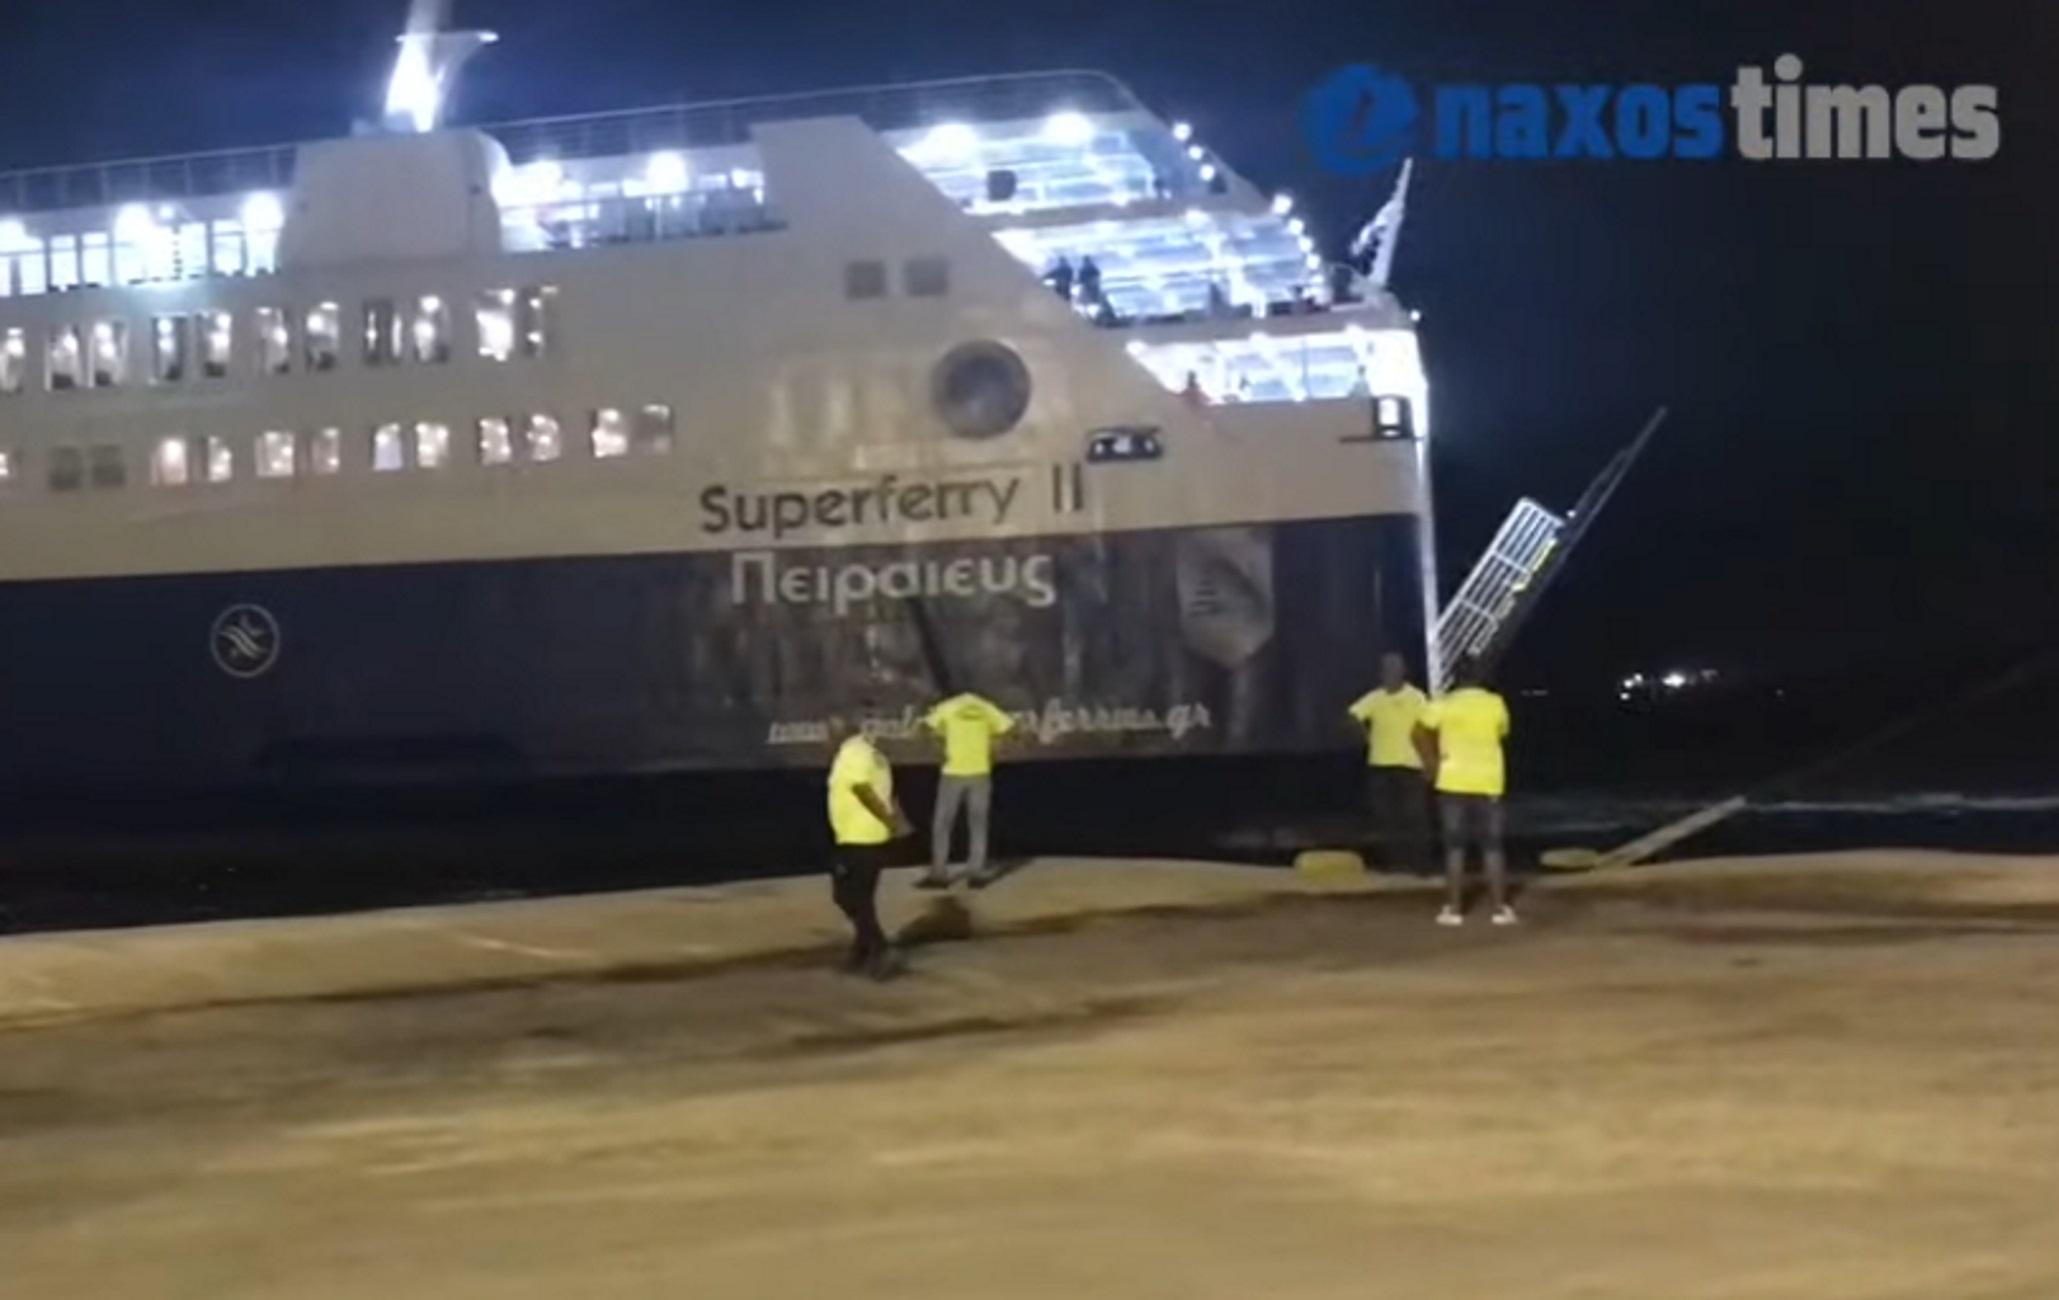 Νάξος – Κορονοϊός: Σπαραγμός στο λιμάνι για τον Βασίλη Βιλαντώνη που πέθανε – Έτσι έφτασε η σορός του